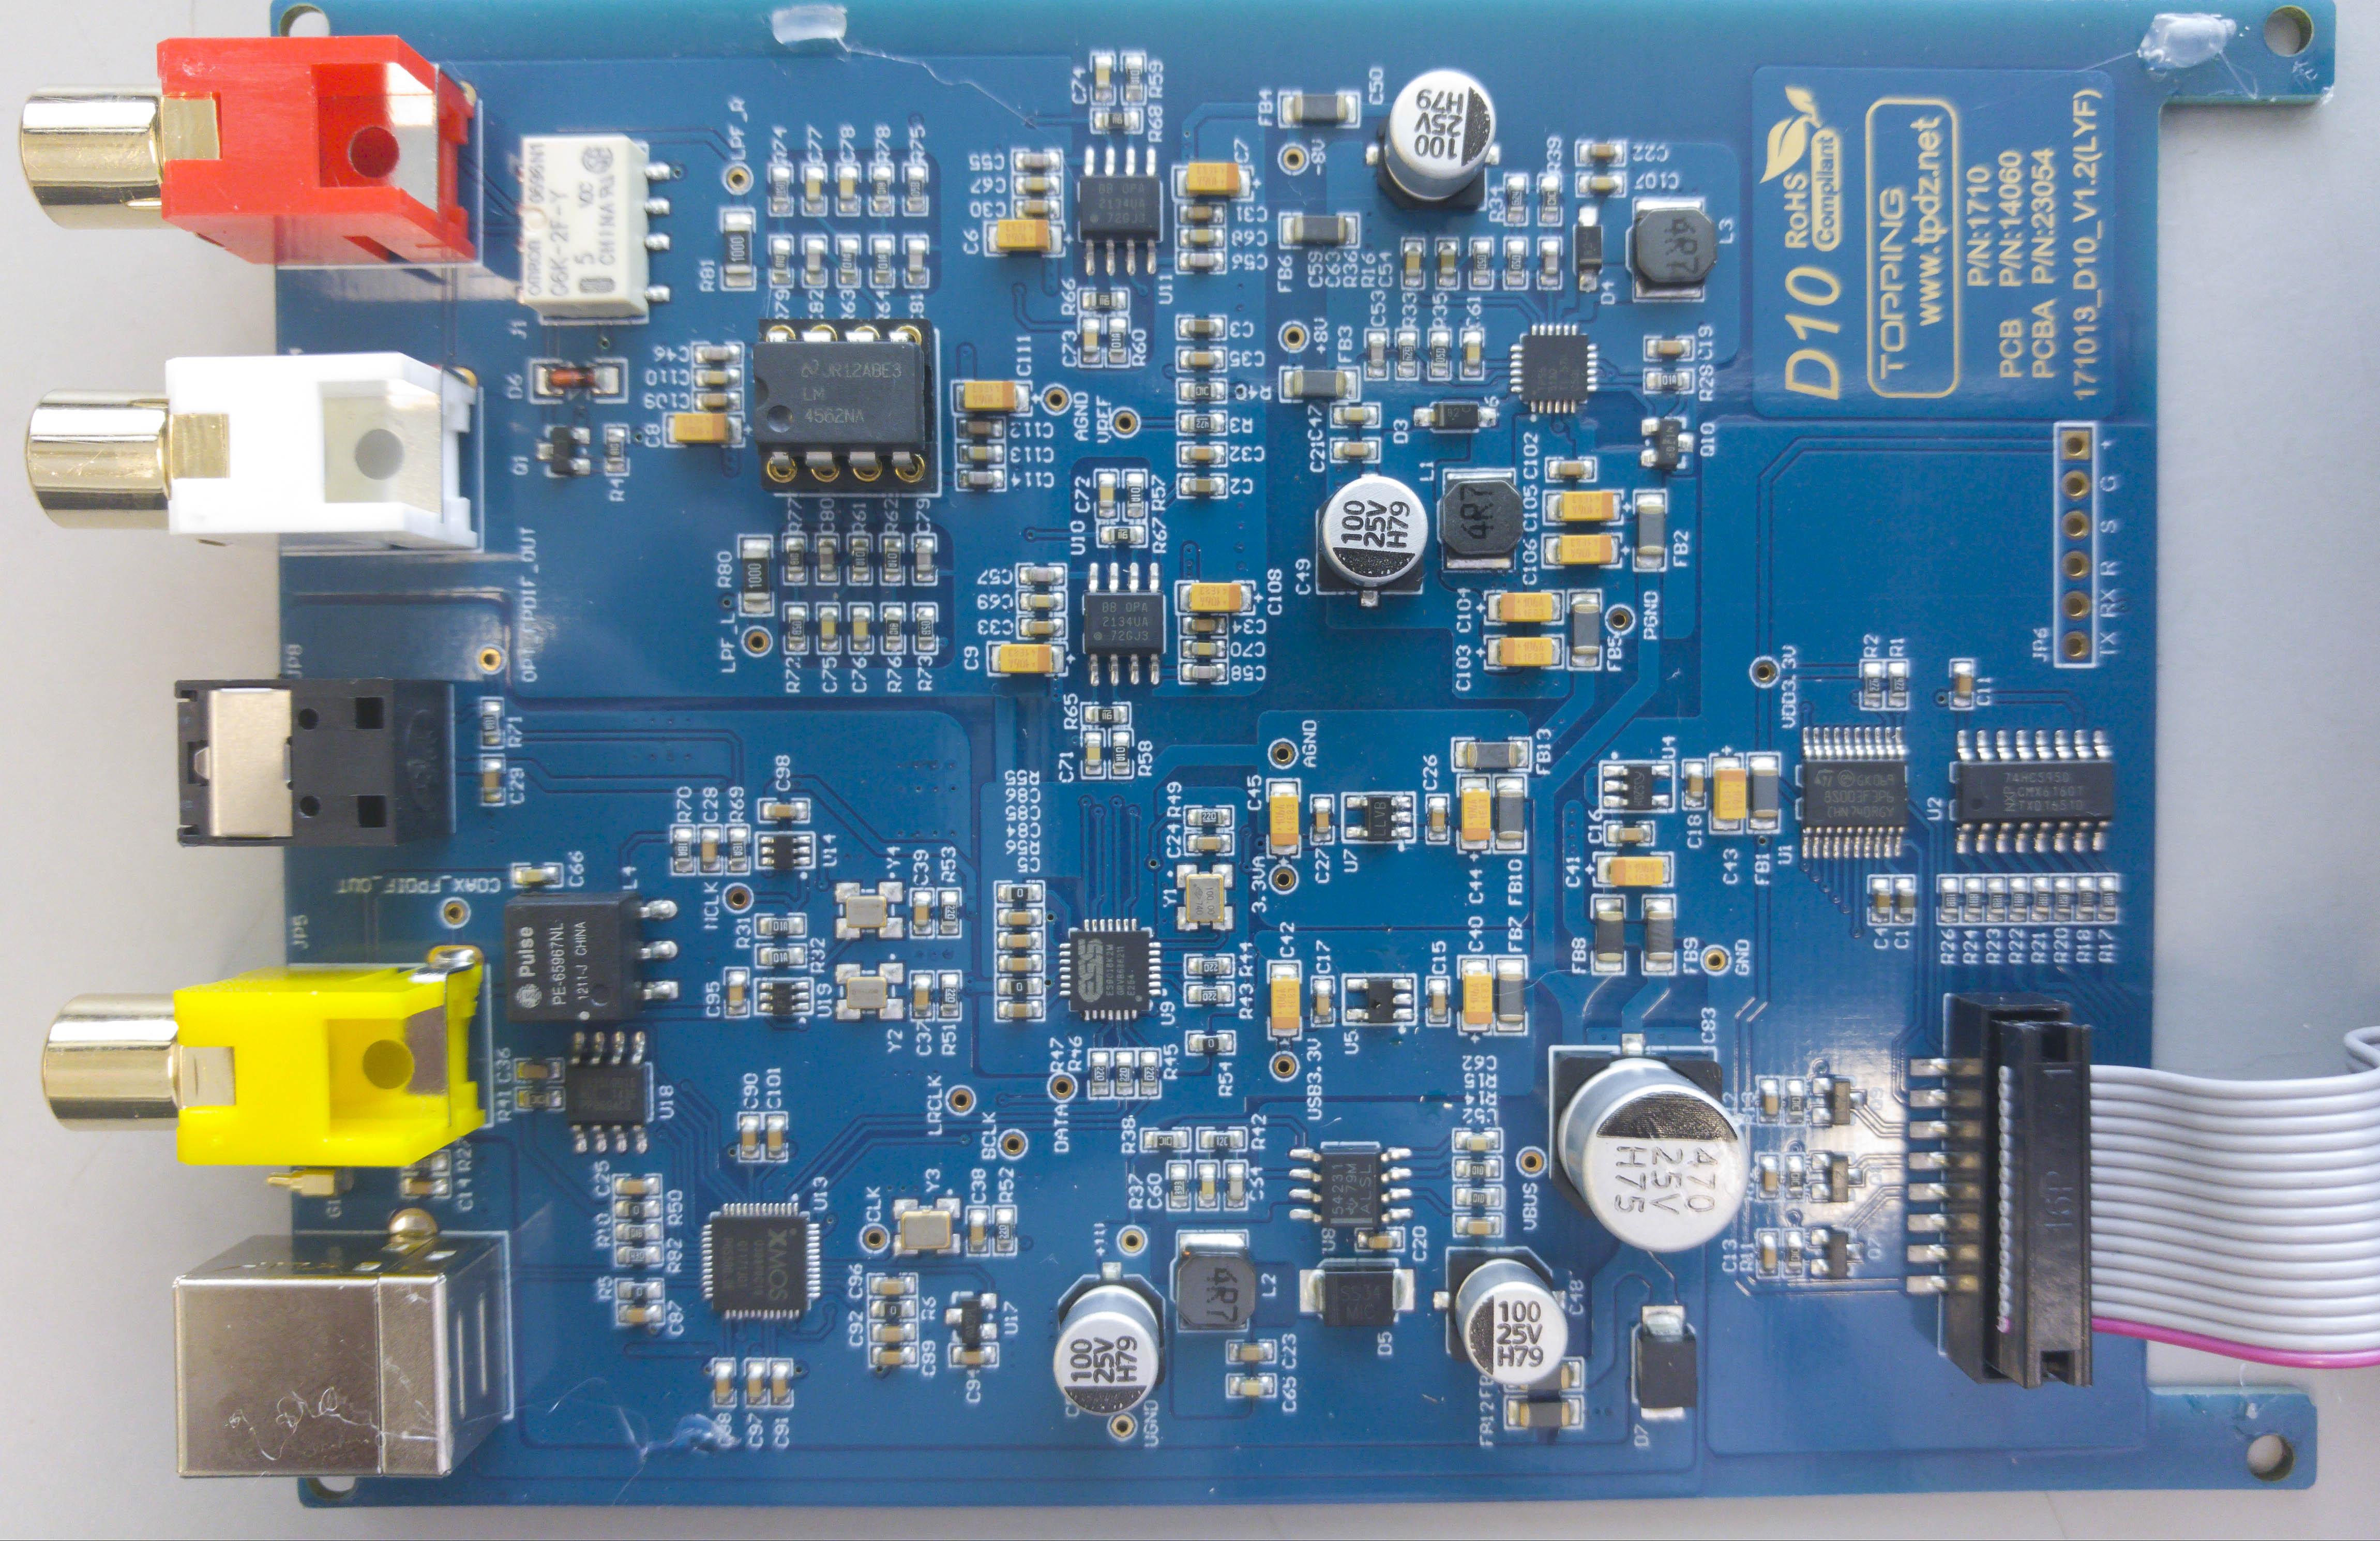 ES9038Q2M Board - Page 482 - diyAudio